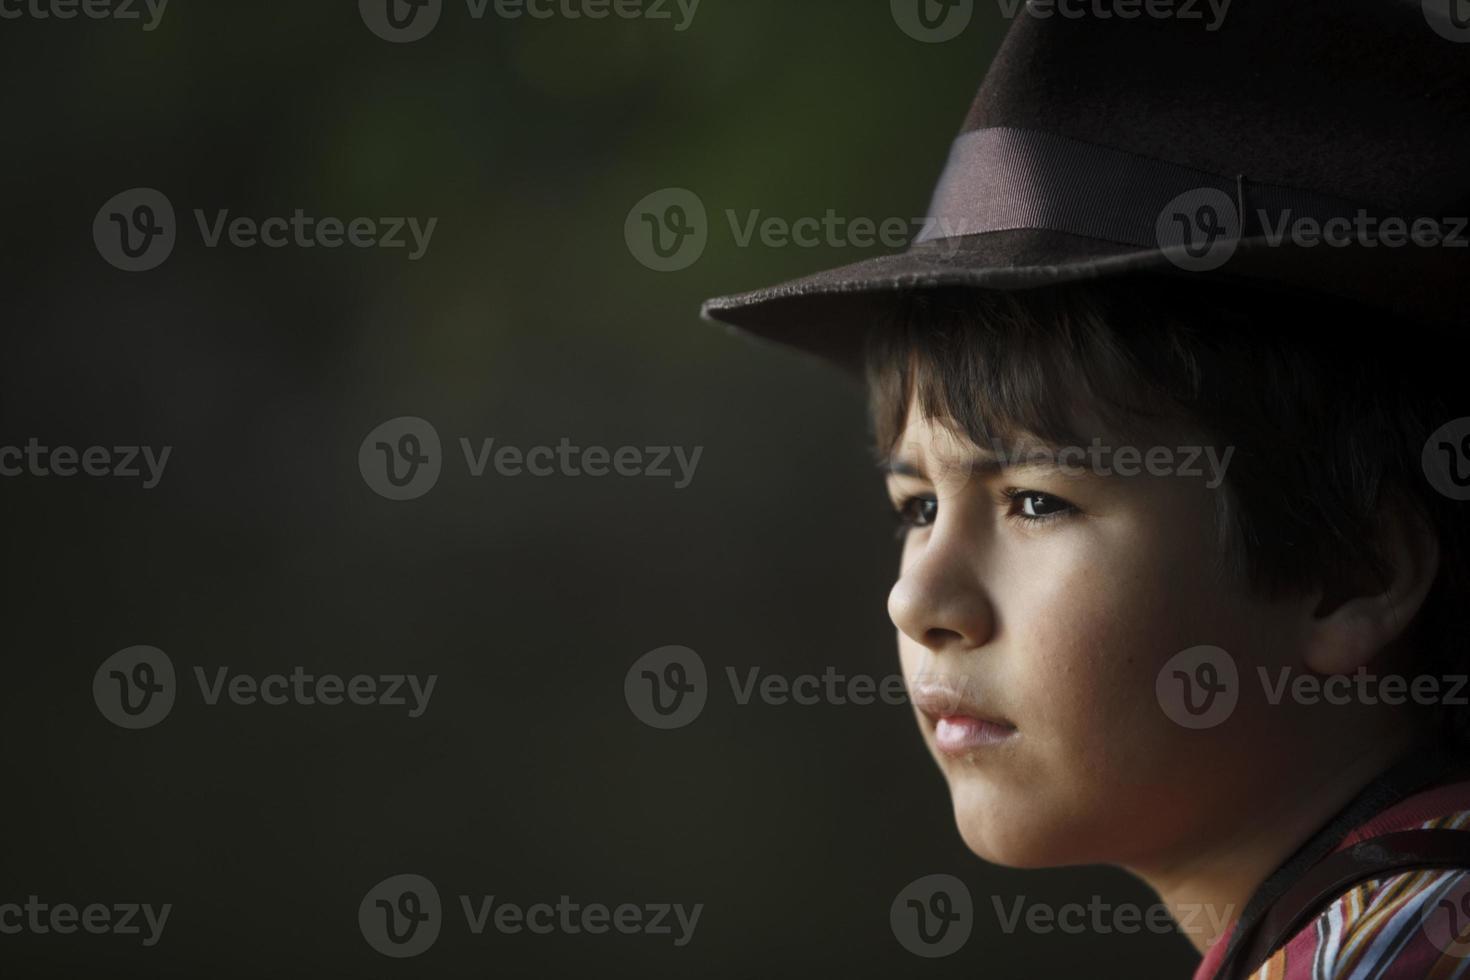 pojke med äventyrare hatt tittar på landskapet. foto